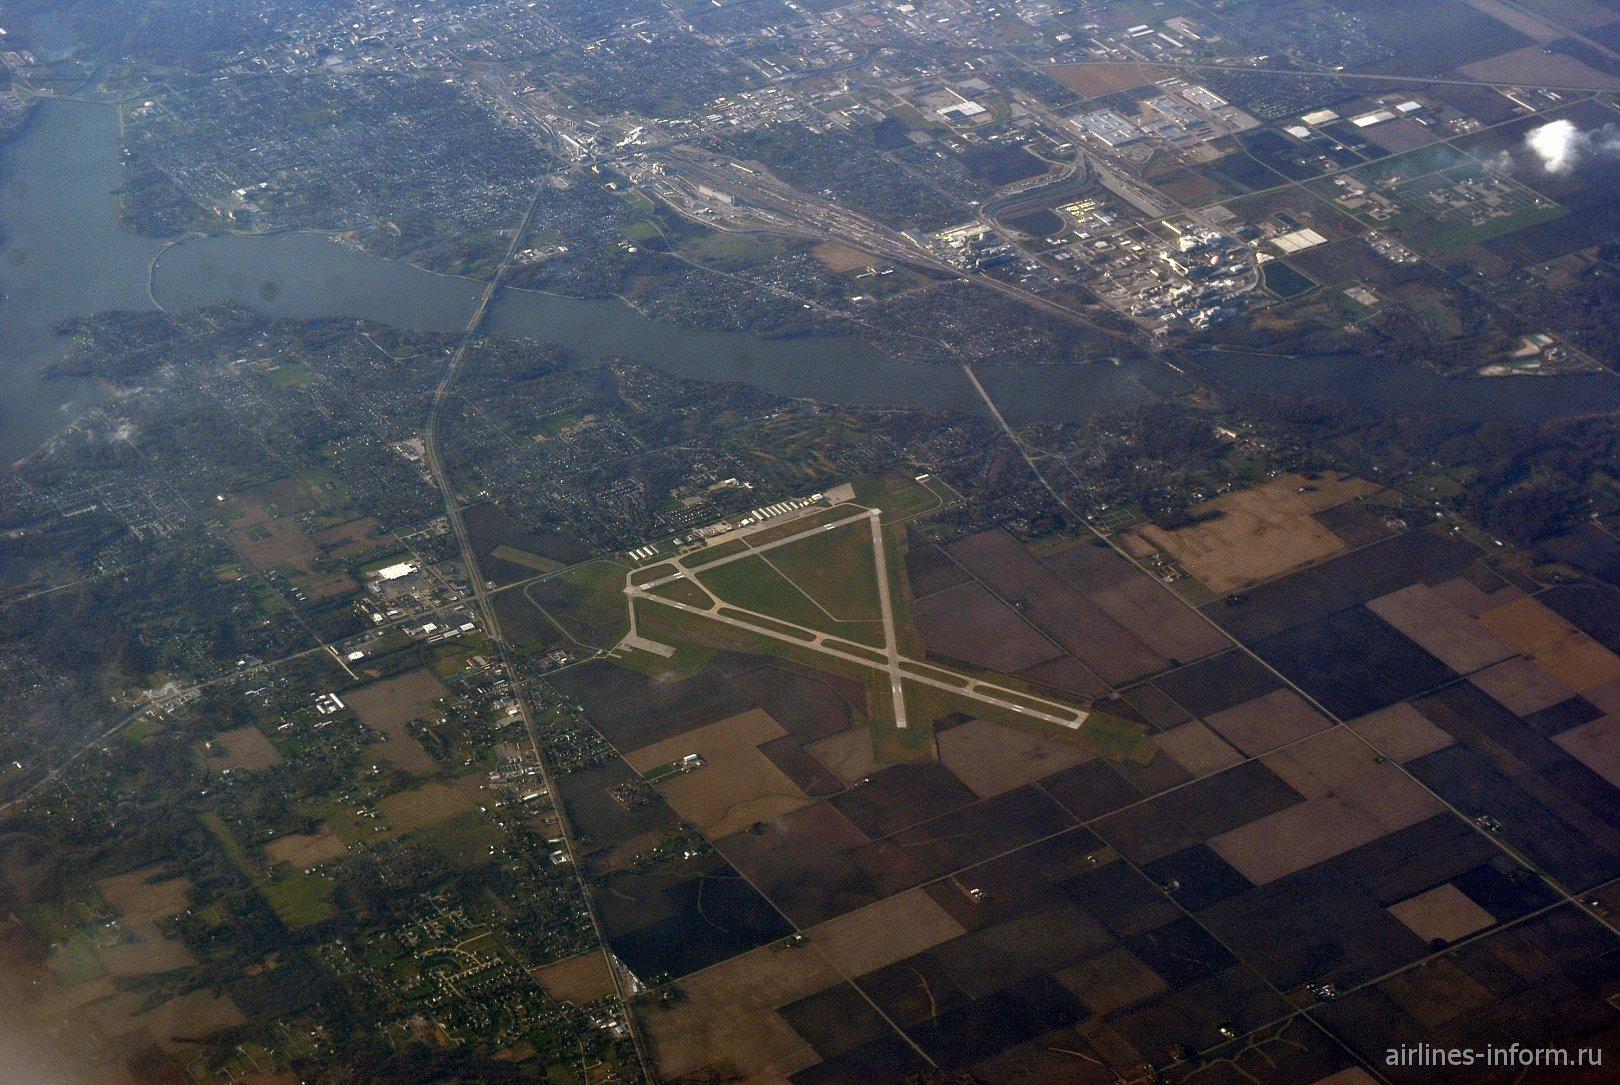 Аэропорт города Декатур в штате Иллинойс